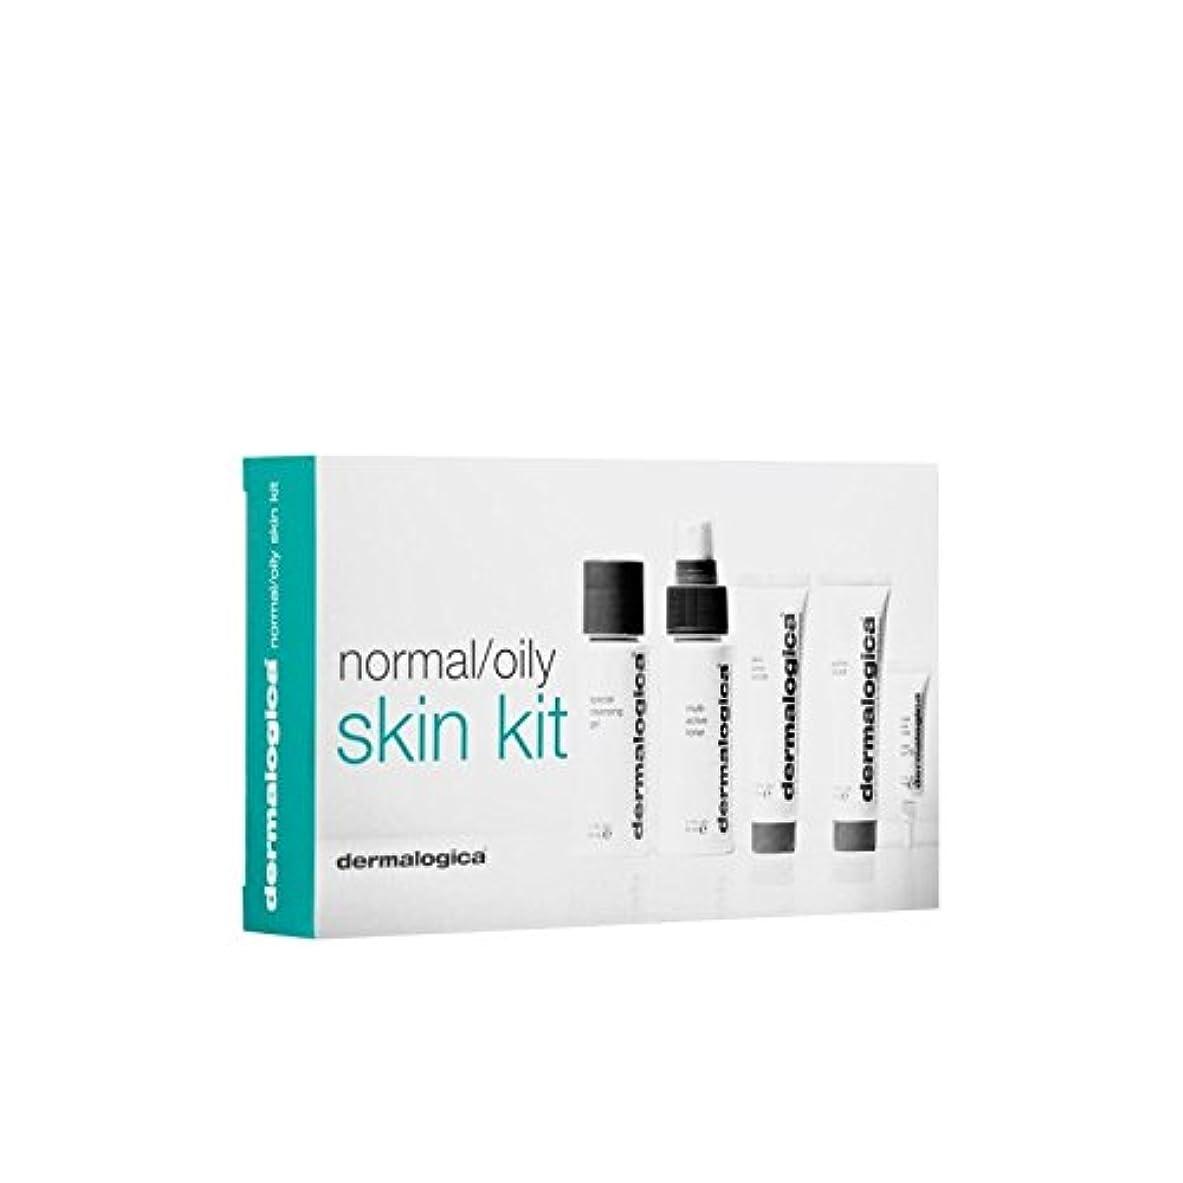 戦う愛する不器用ダーマロジカスキンキット - ノーマル/オイリー(5製品) x4 - Dermalogica Skin Kit - Normal/Oily (5 Products) (Pack of 4) [並行輸入品]